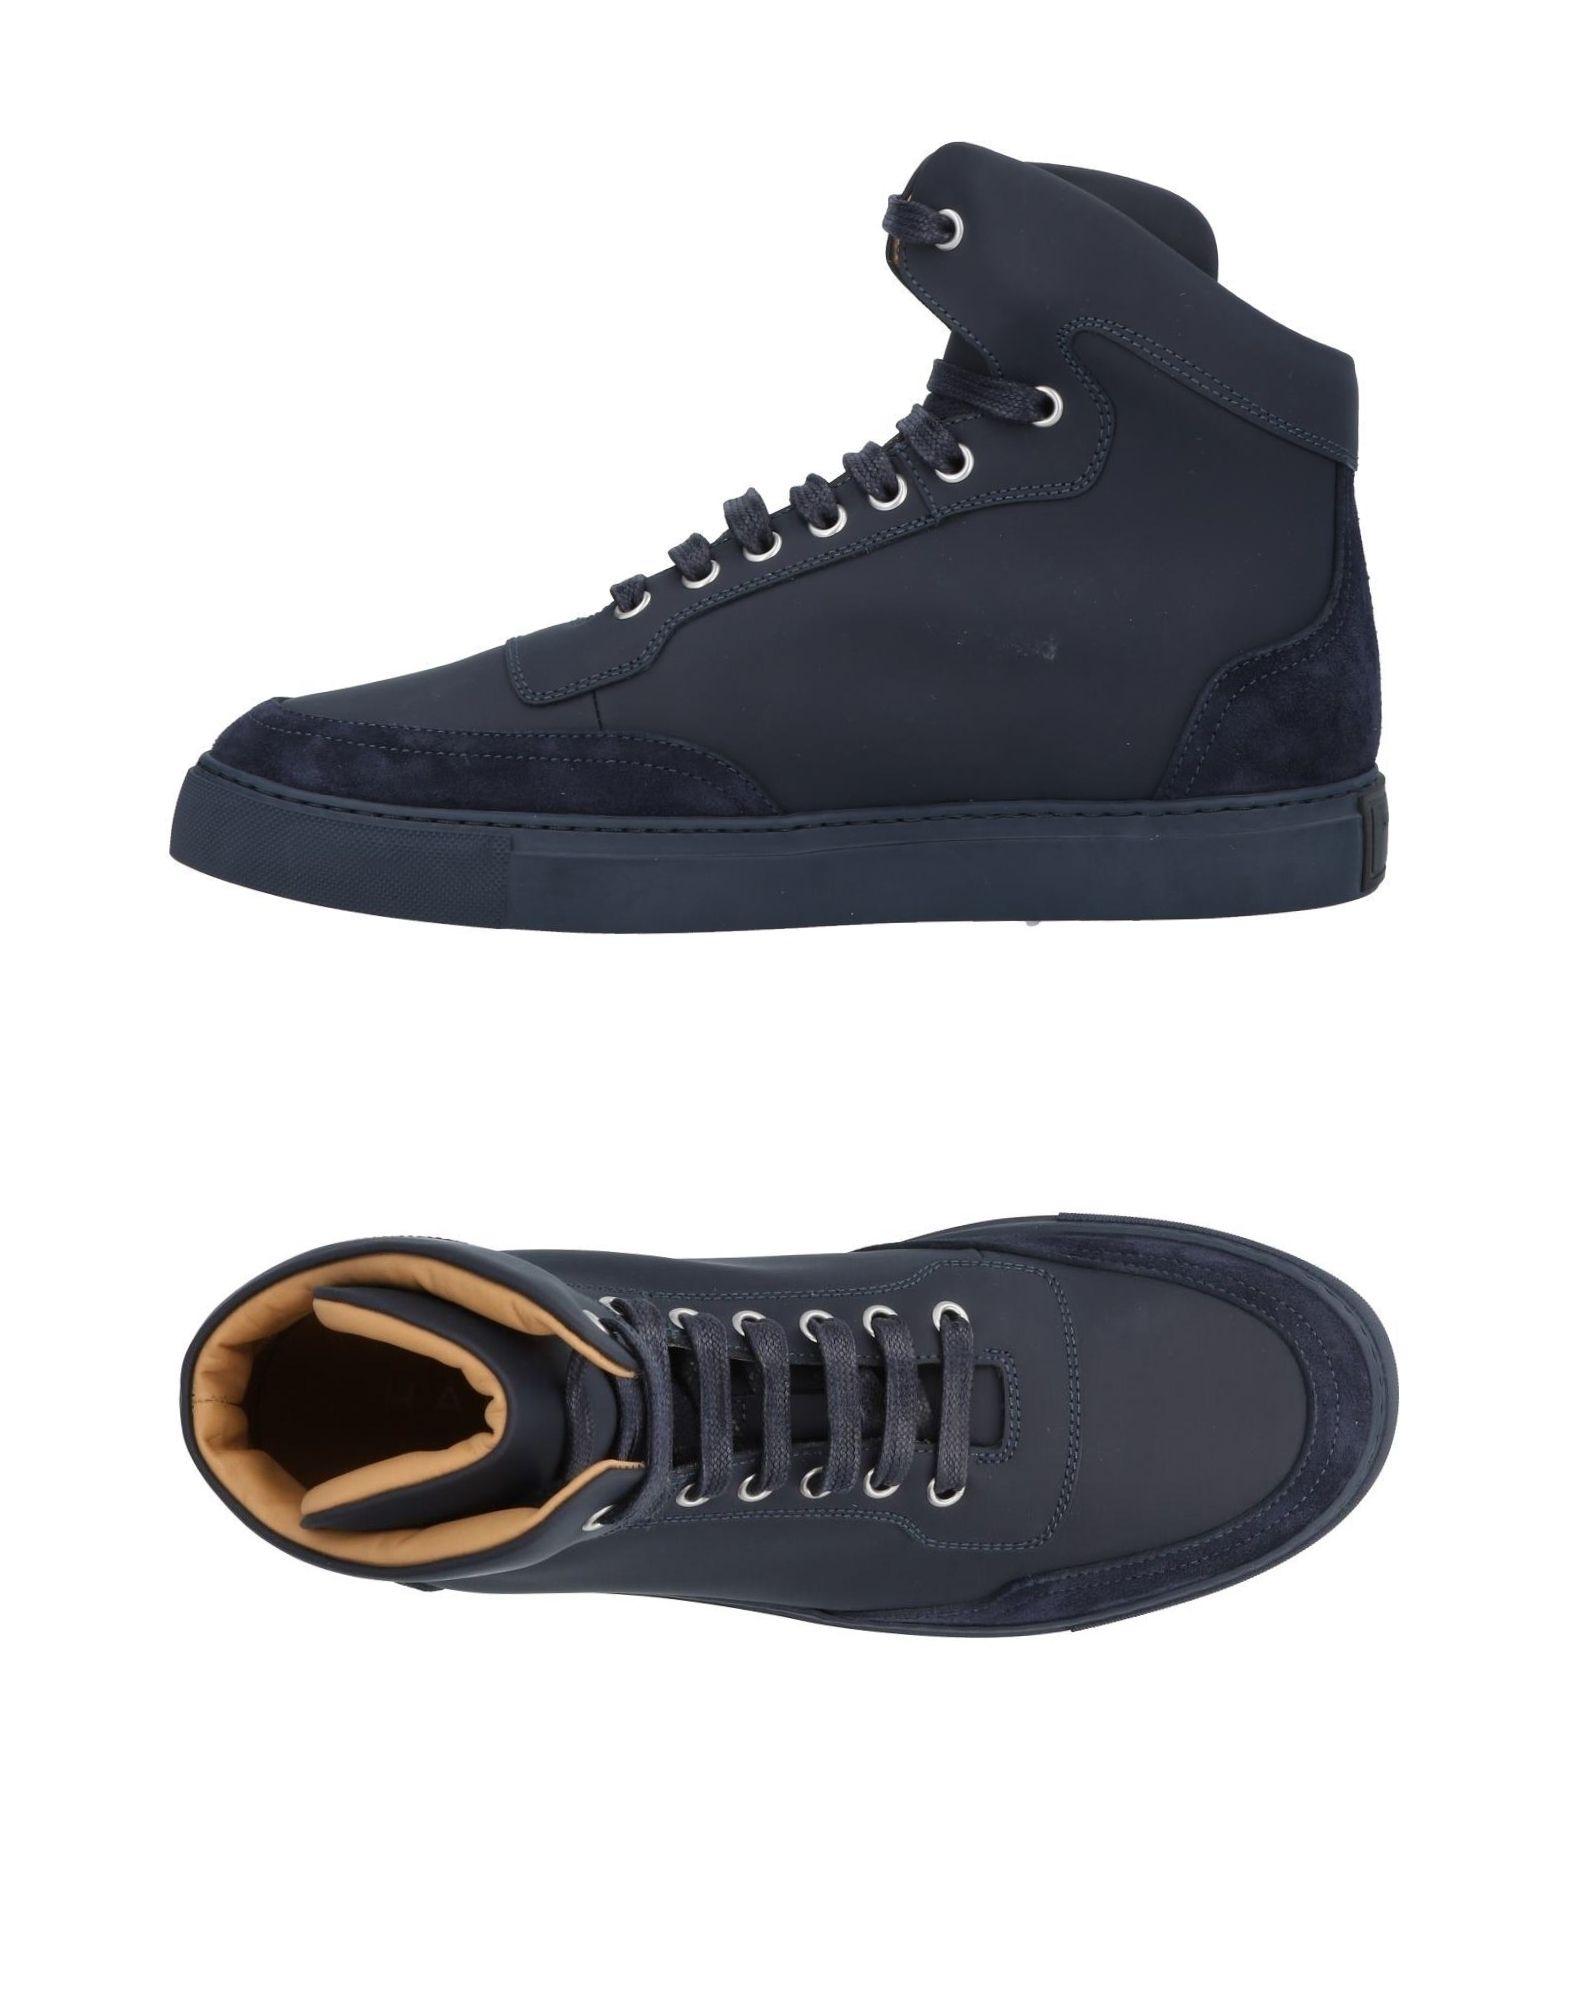 Rabatt echte Schuhe Harrys Of London Sneakers Herren  11426830WP